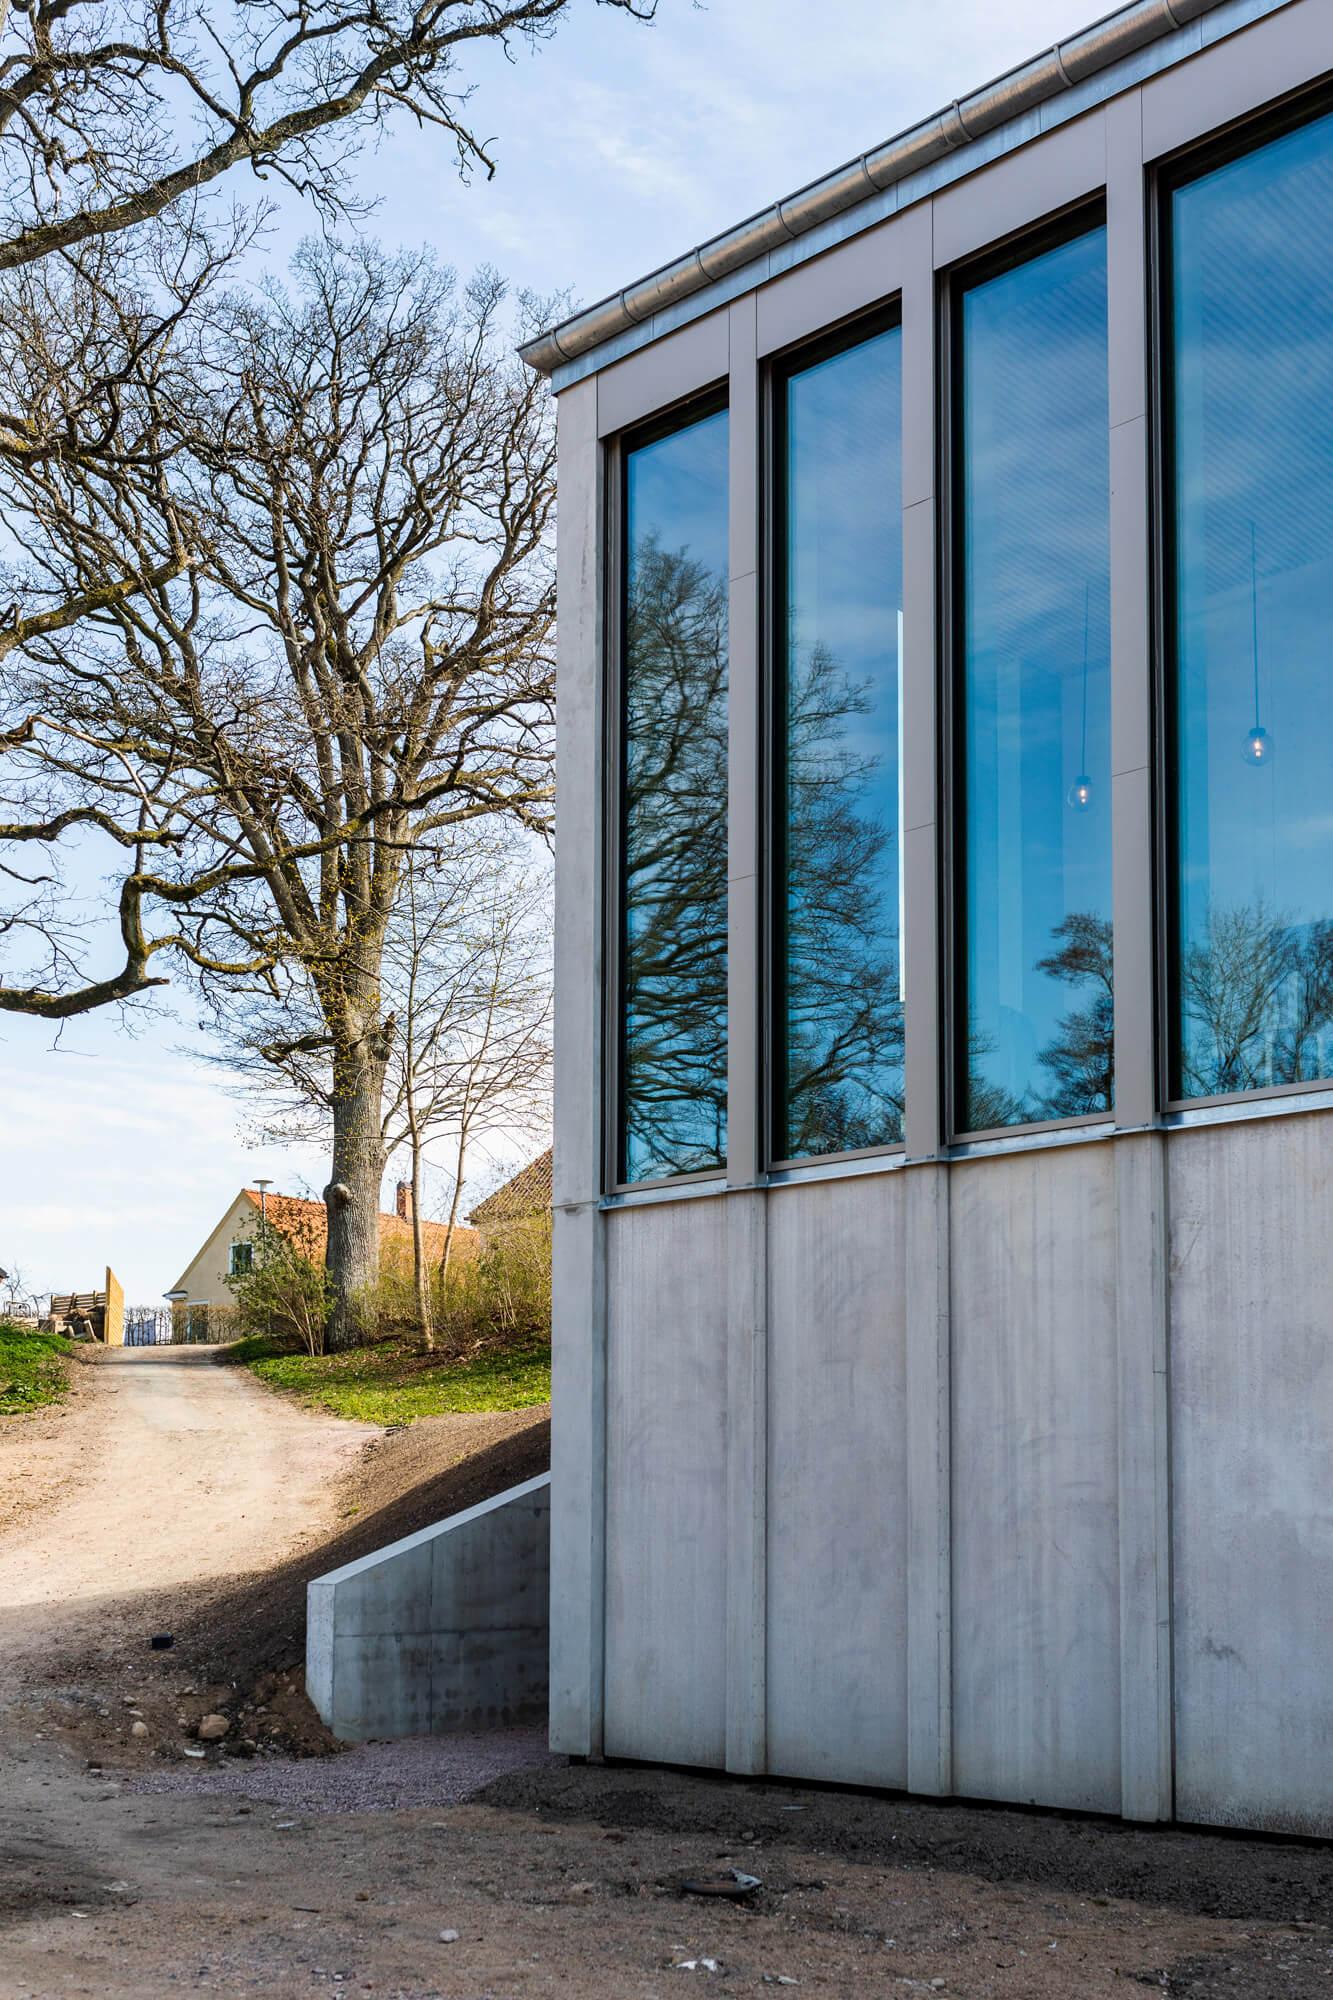 Andrum var det första spaprojektet för de flesta inblandade. Arkitekterna hade aldrig ritat något liknande tidigare, Strängbetong hade aldrig levererat till eller monterat ett spa förut och för Svenska kyrkan var det definitivt första gången.